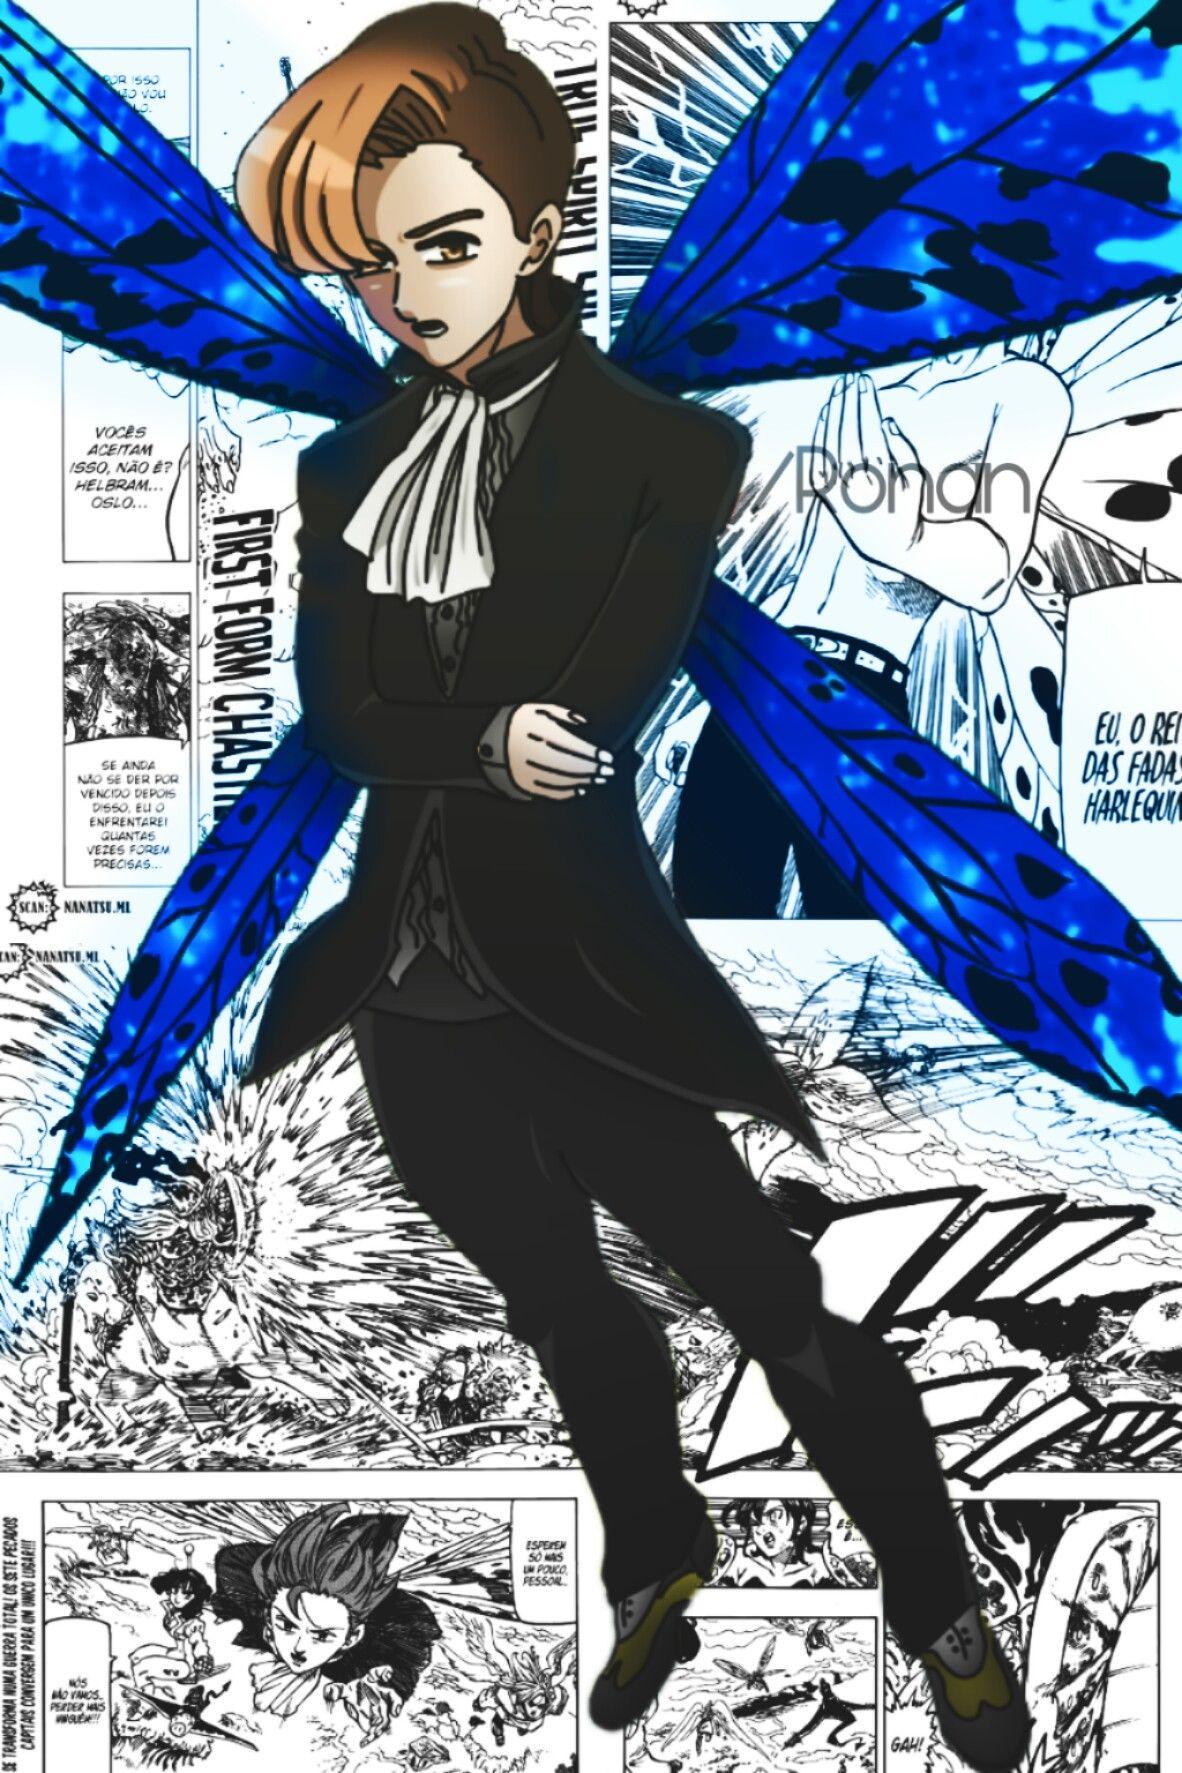 King Nanatsu No Taizai : nanatsu, taizai, Nanatsu, Taizai, Seven, Deadly, Sins,, Anime,, Begin